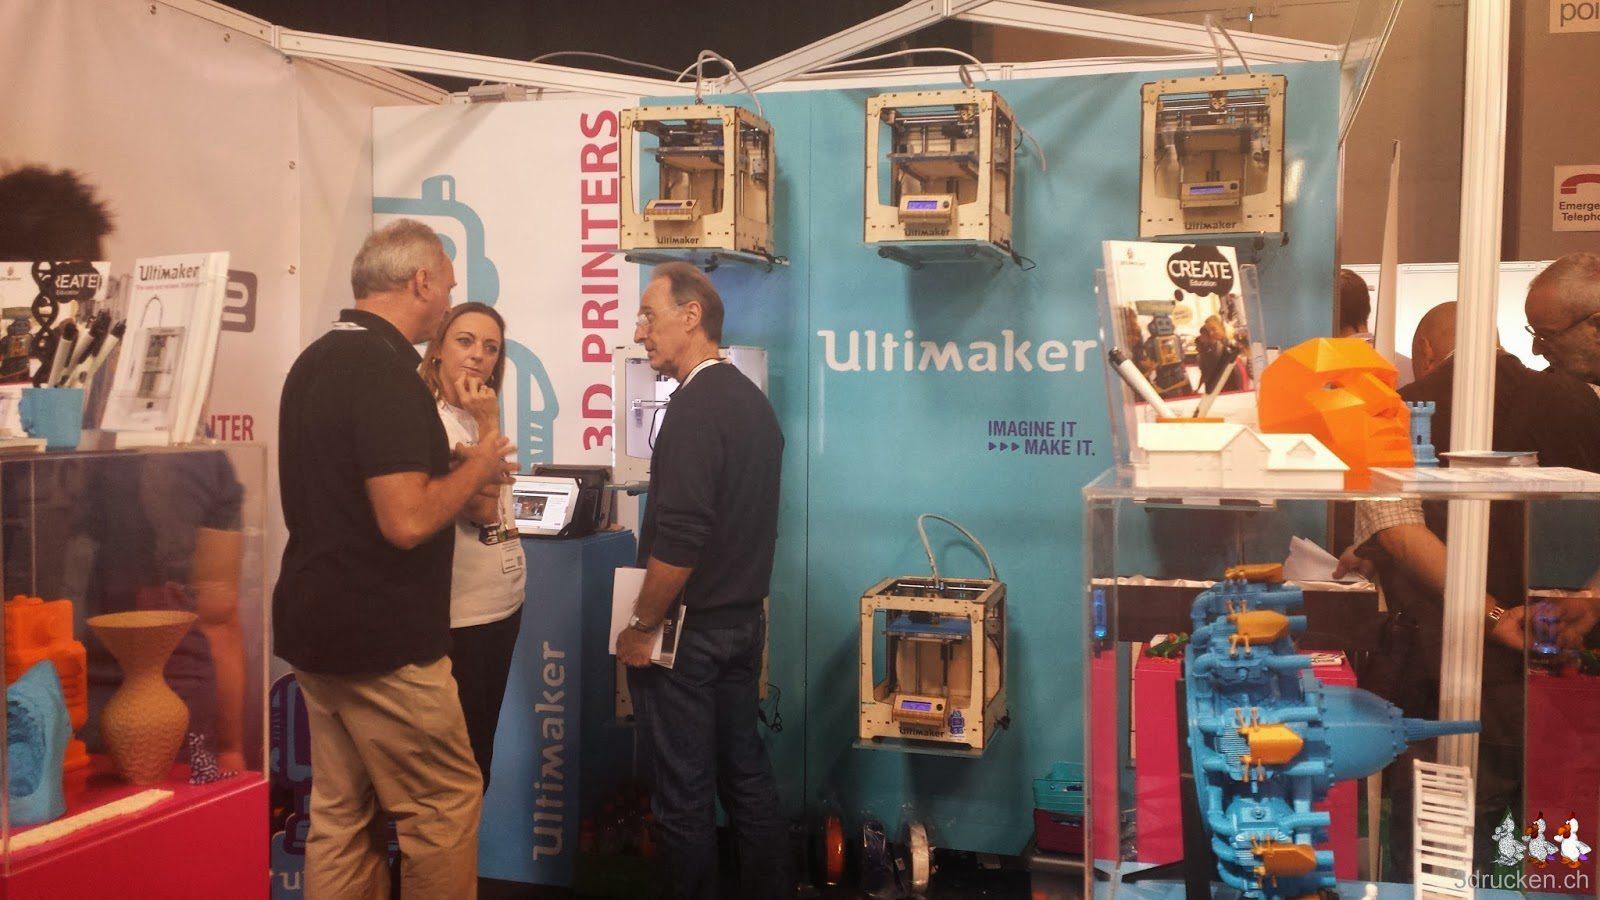 Foto der Produktionswand am Stand von Ultimaker an der TCT Show 2014 in Birmingham